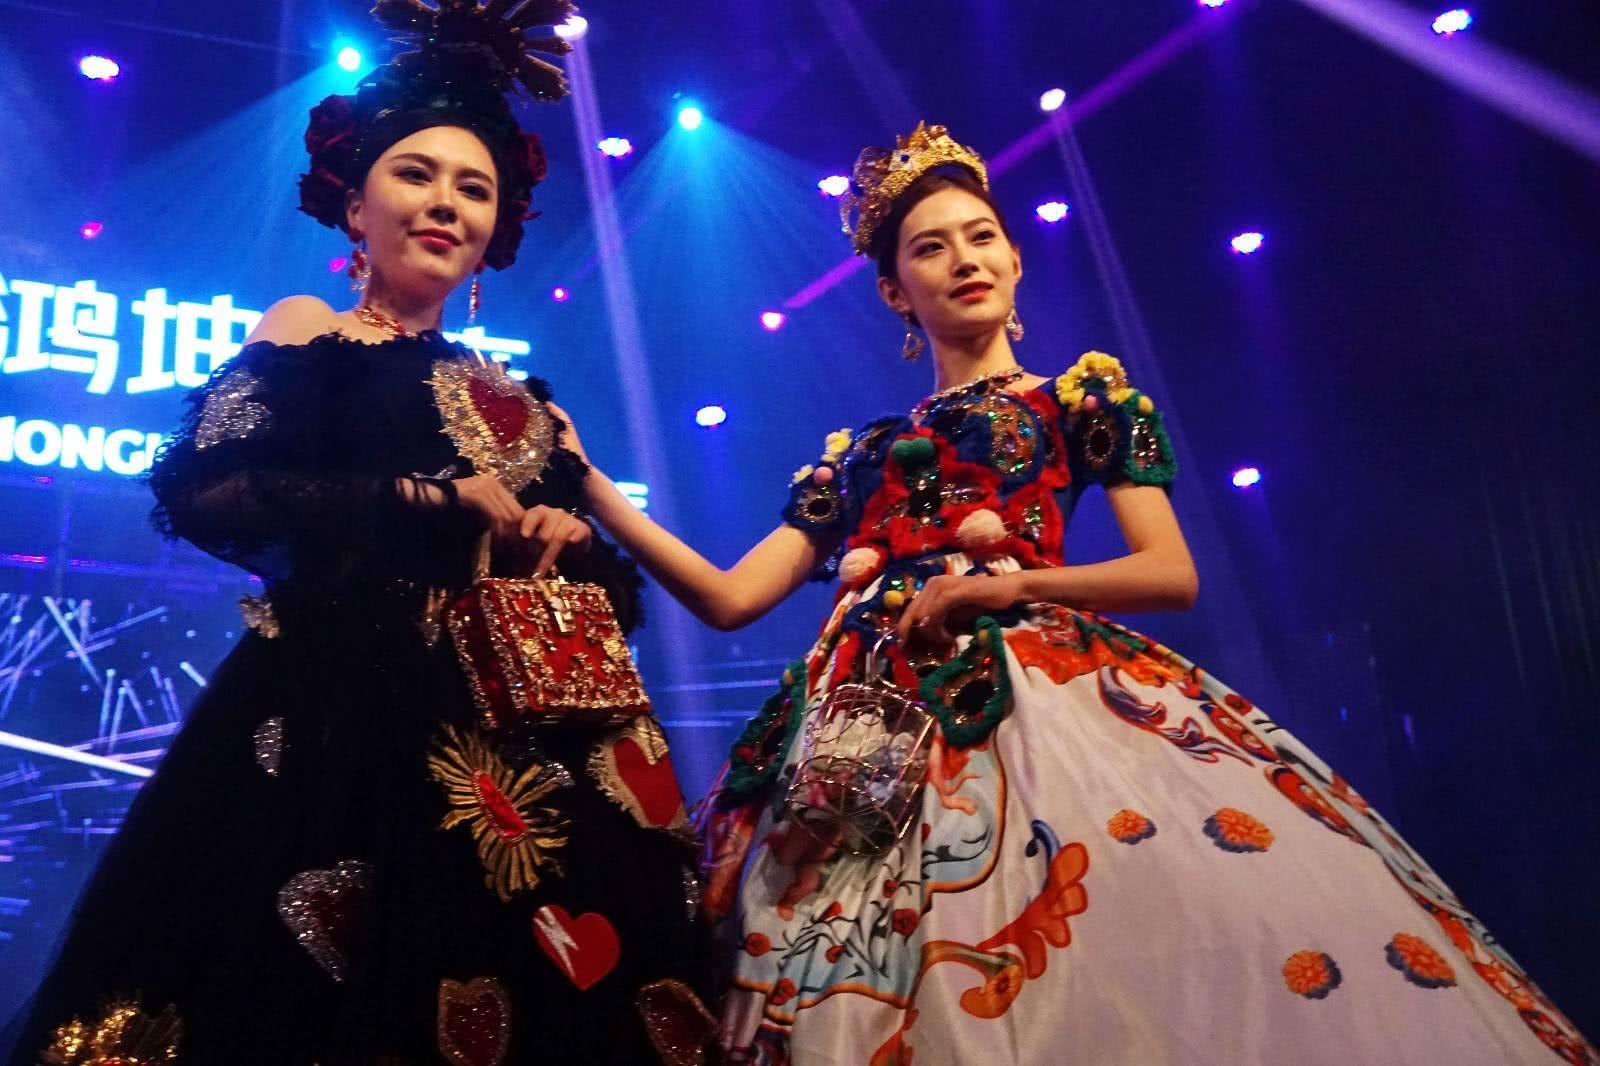 世界小姐宜昌展示风情秀,堪比巴黎时装周的艳光四射